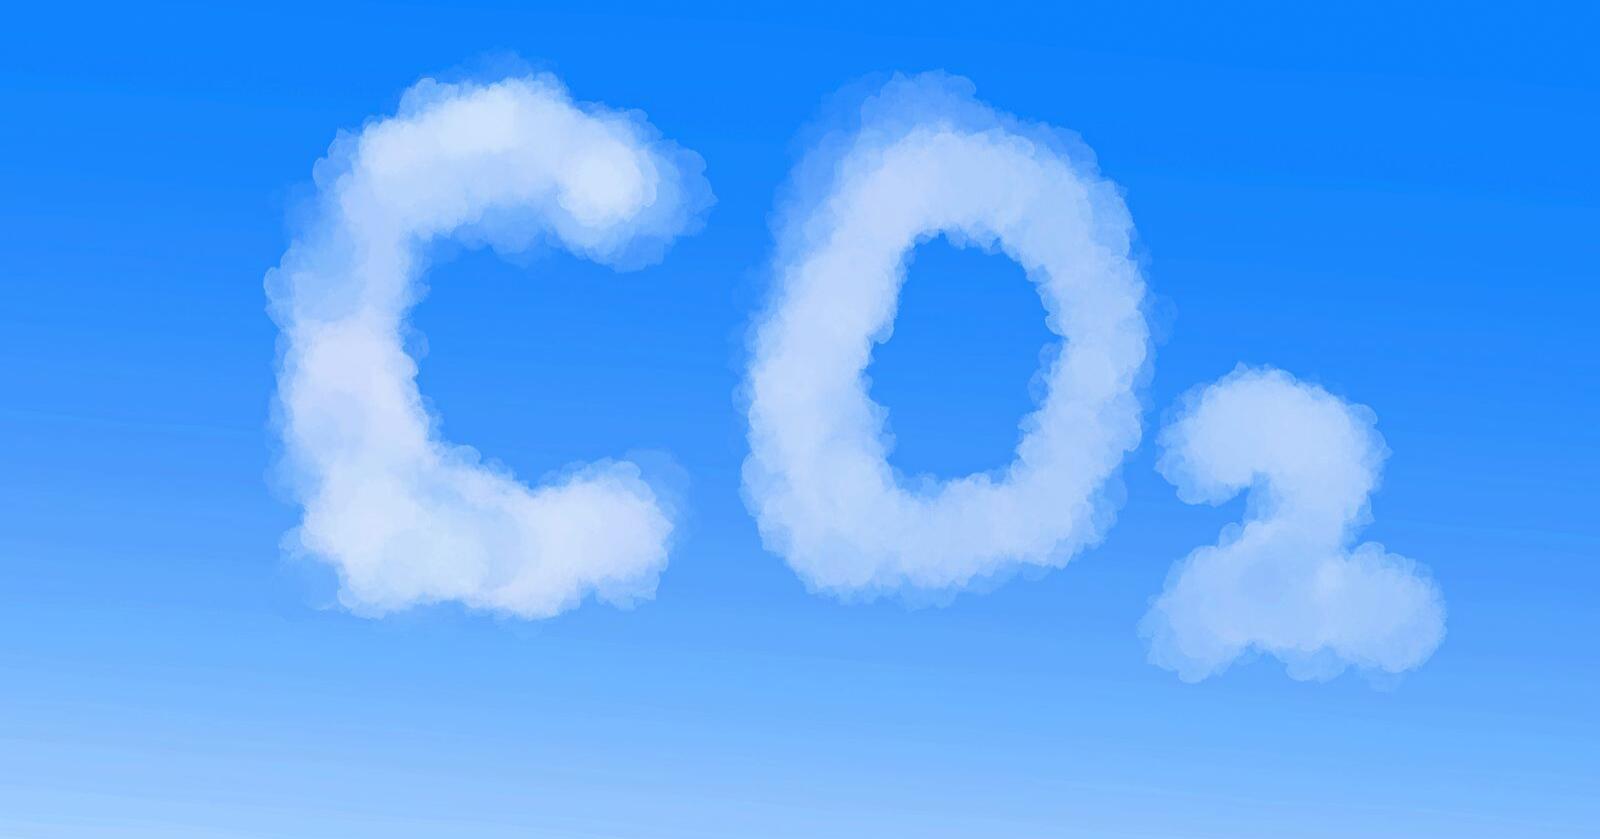 Sjøl med full stopp i CO2-utslipp, vil temperaturen være bortimot konstant i århundrer, skriver innsenderne av debattinnlegget. Illustrasjon: Mostphotos